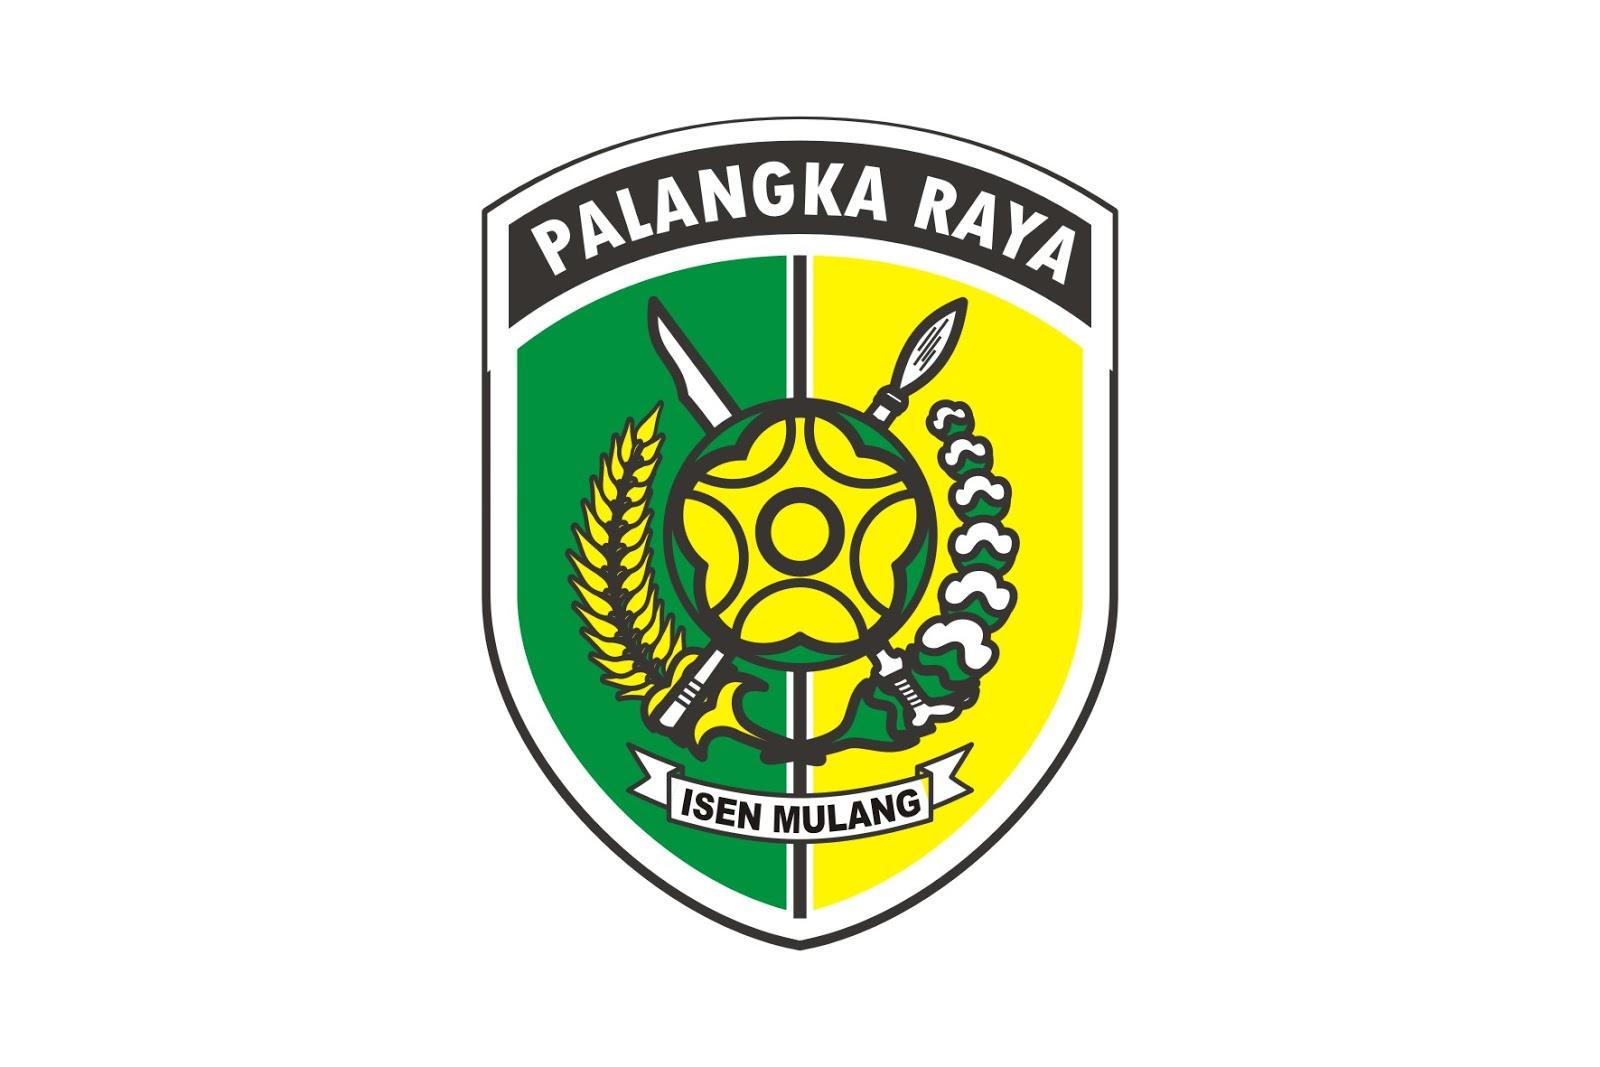 Kota Palangka Raya Logo | Logo Share